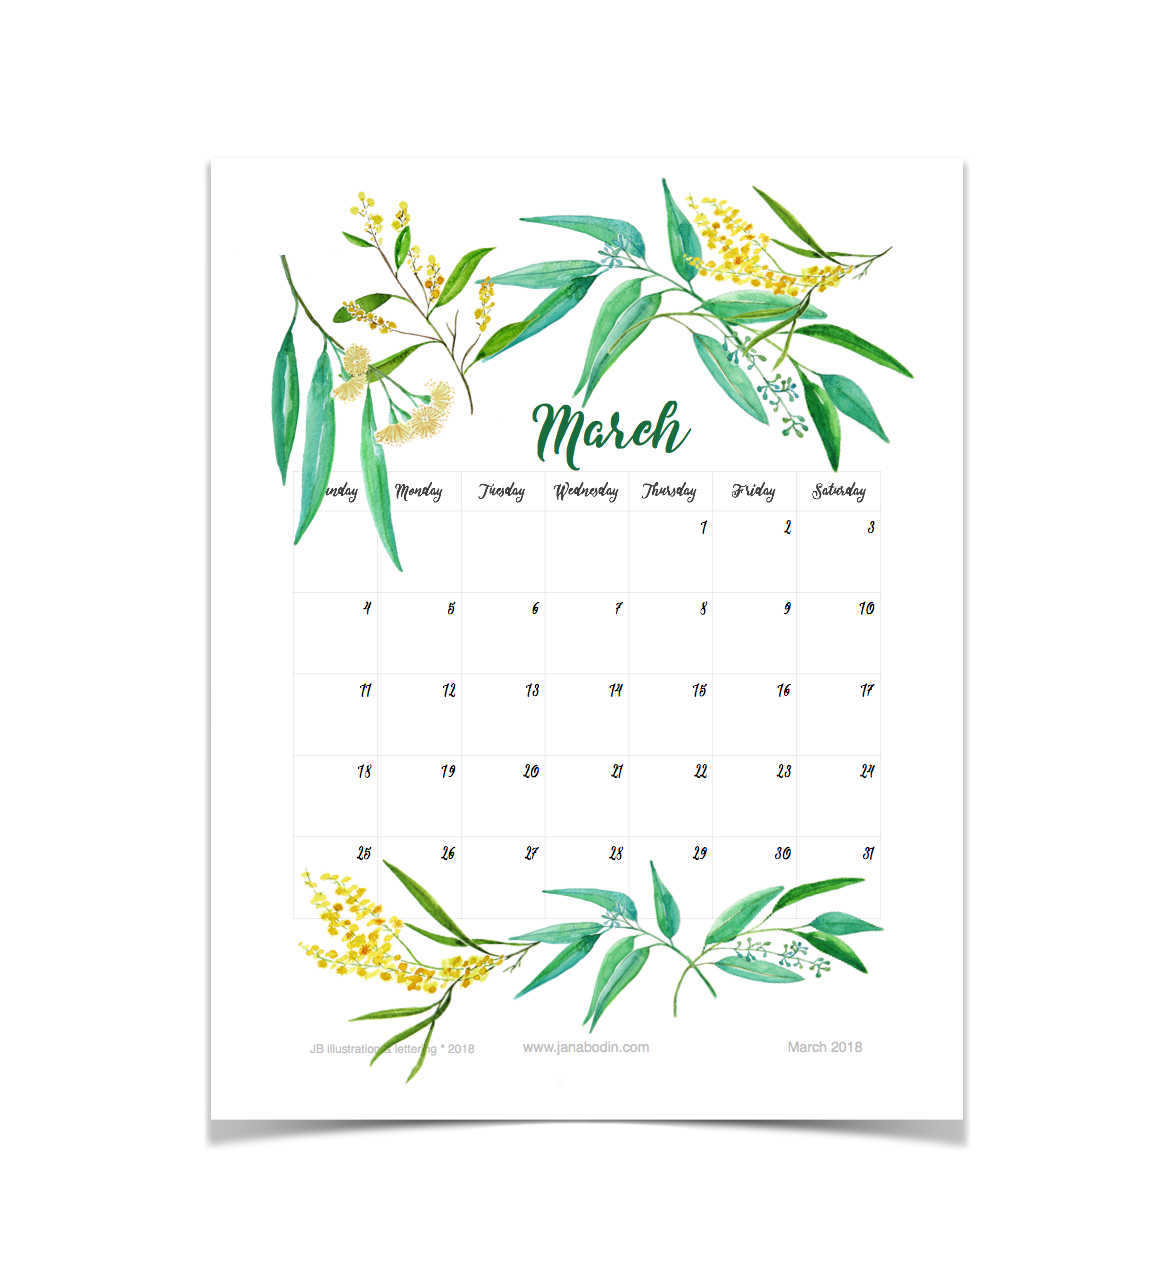 201803_calendar_printable_small_mockup.jpg